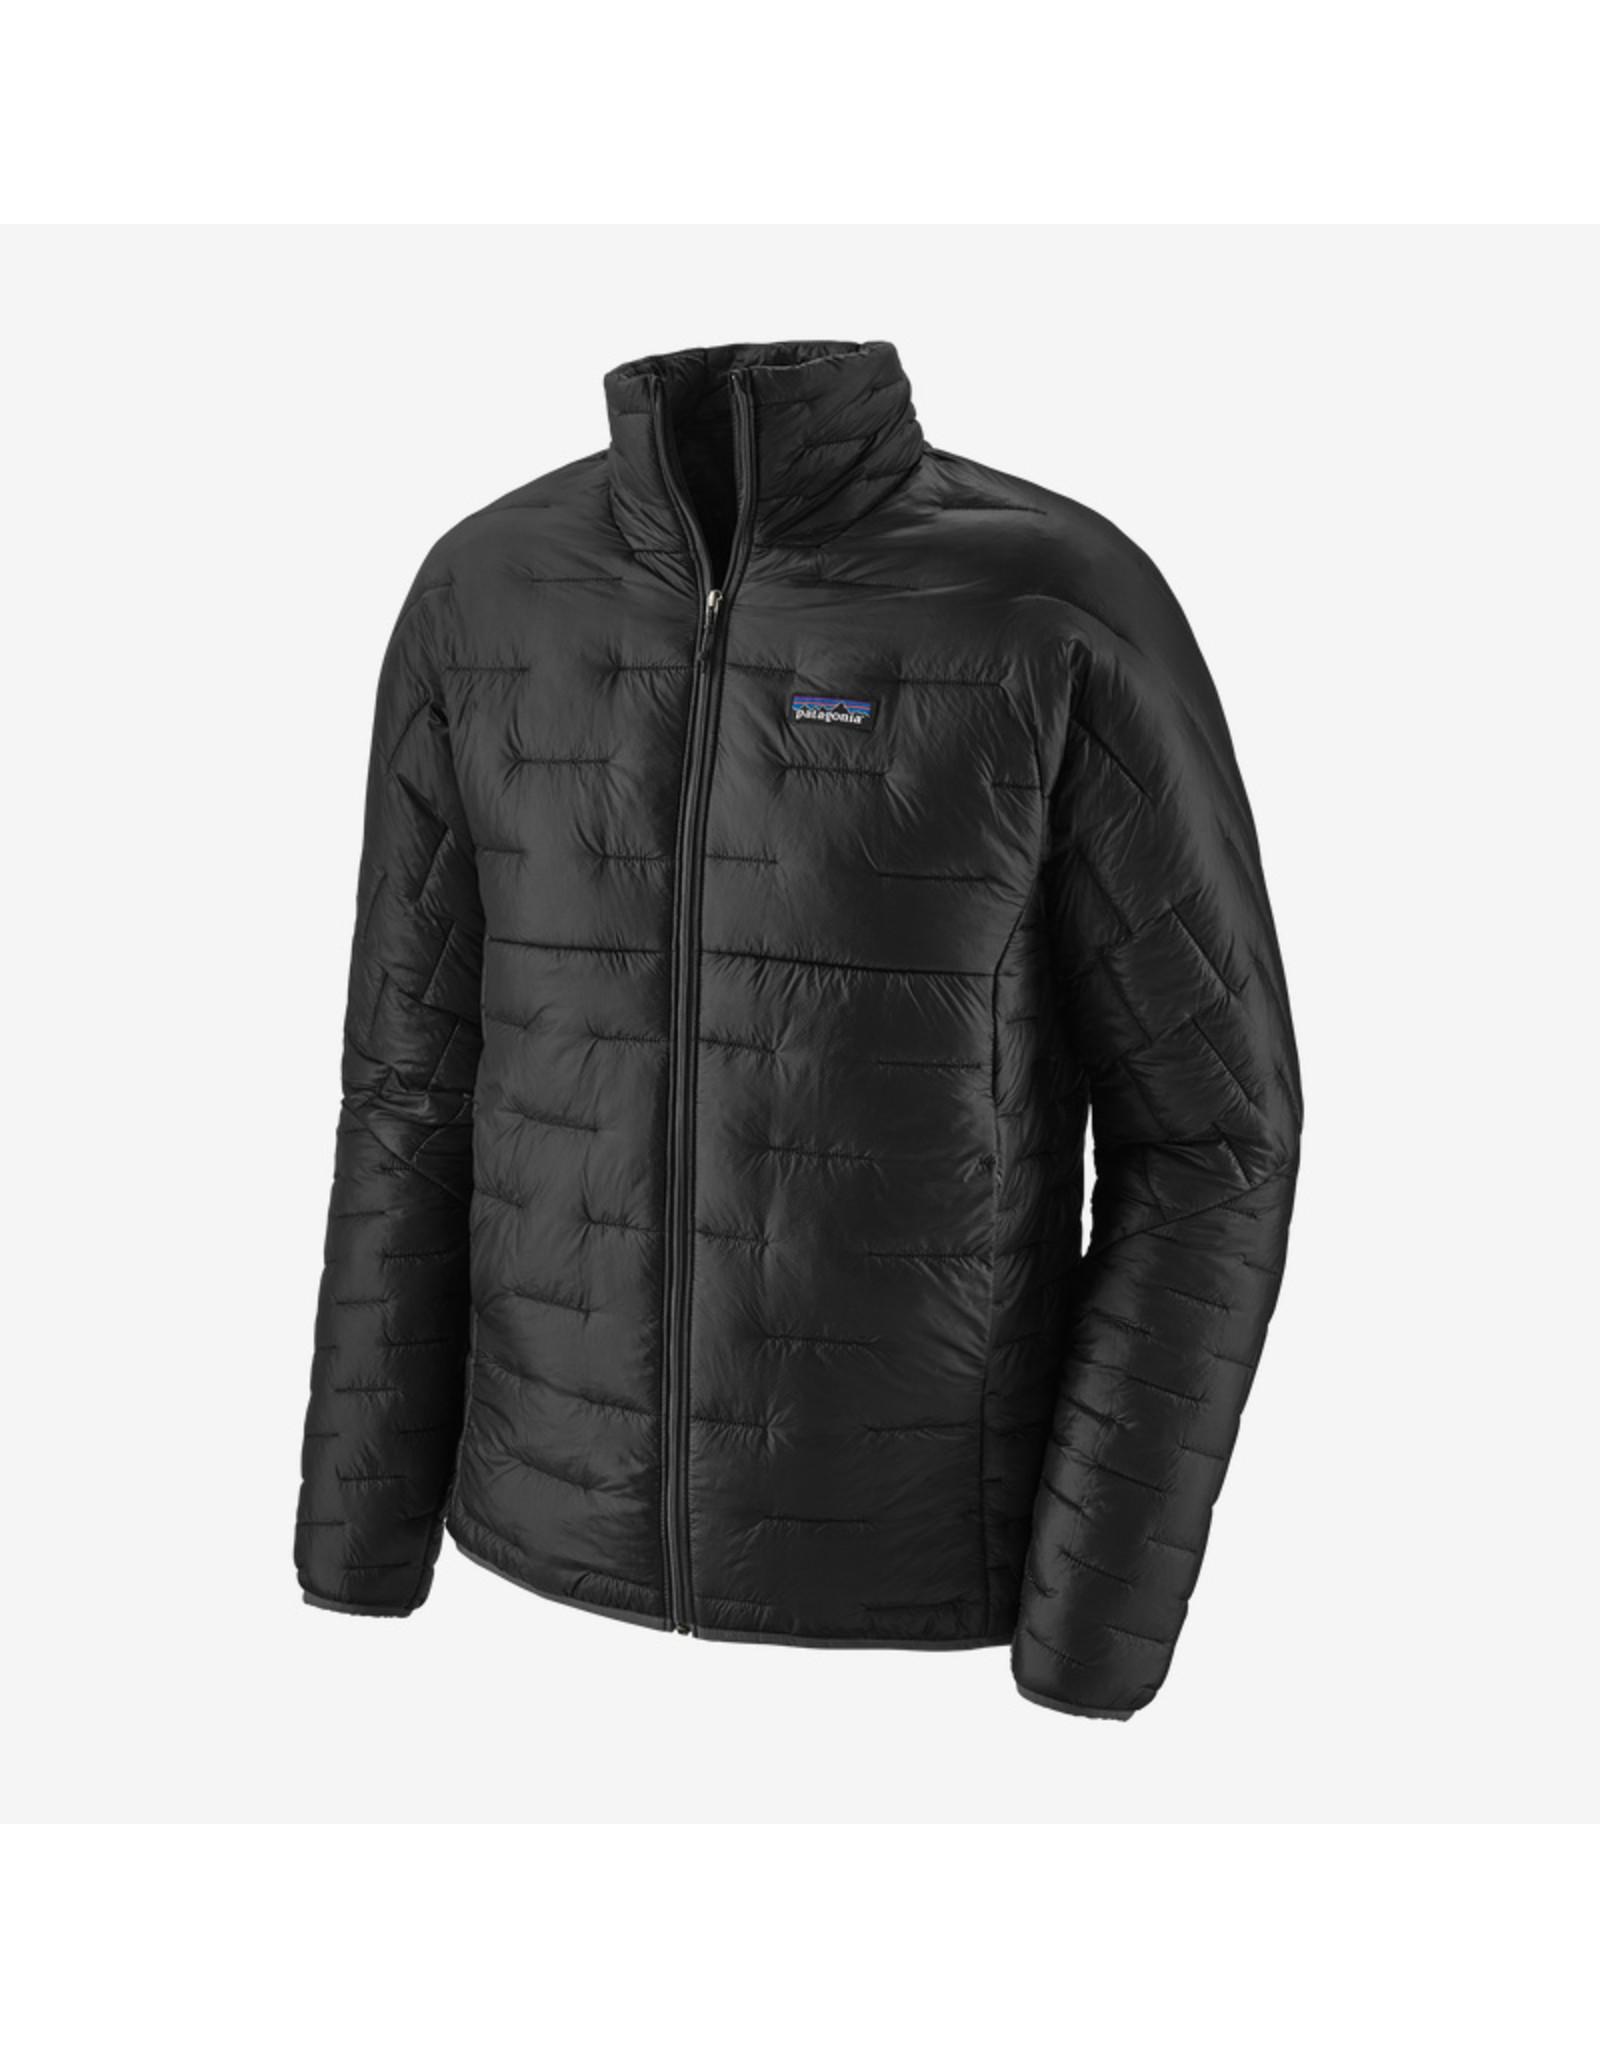 Patagonia Patagonia - Men's Micro Puff Jacket